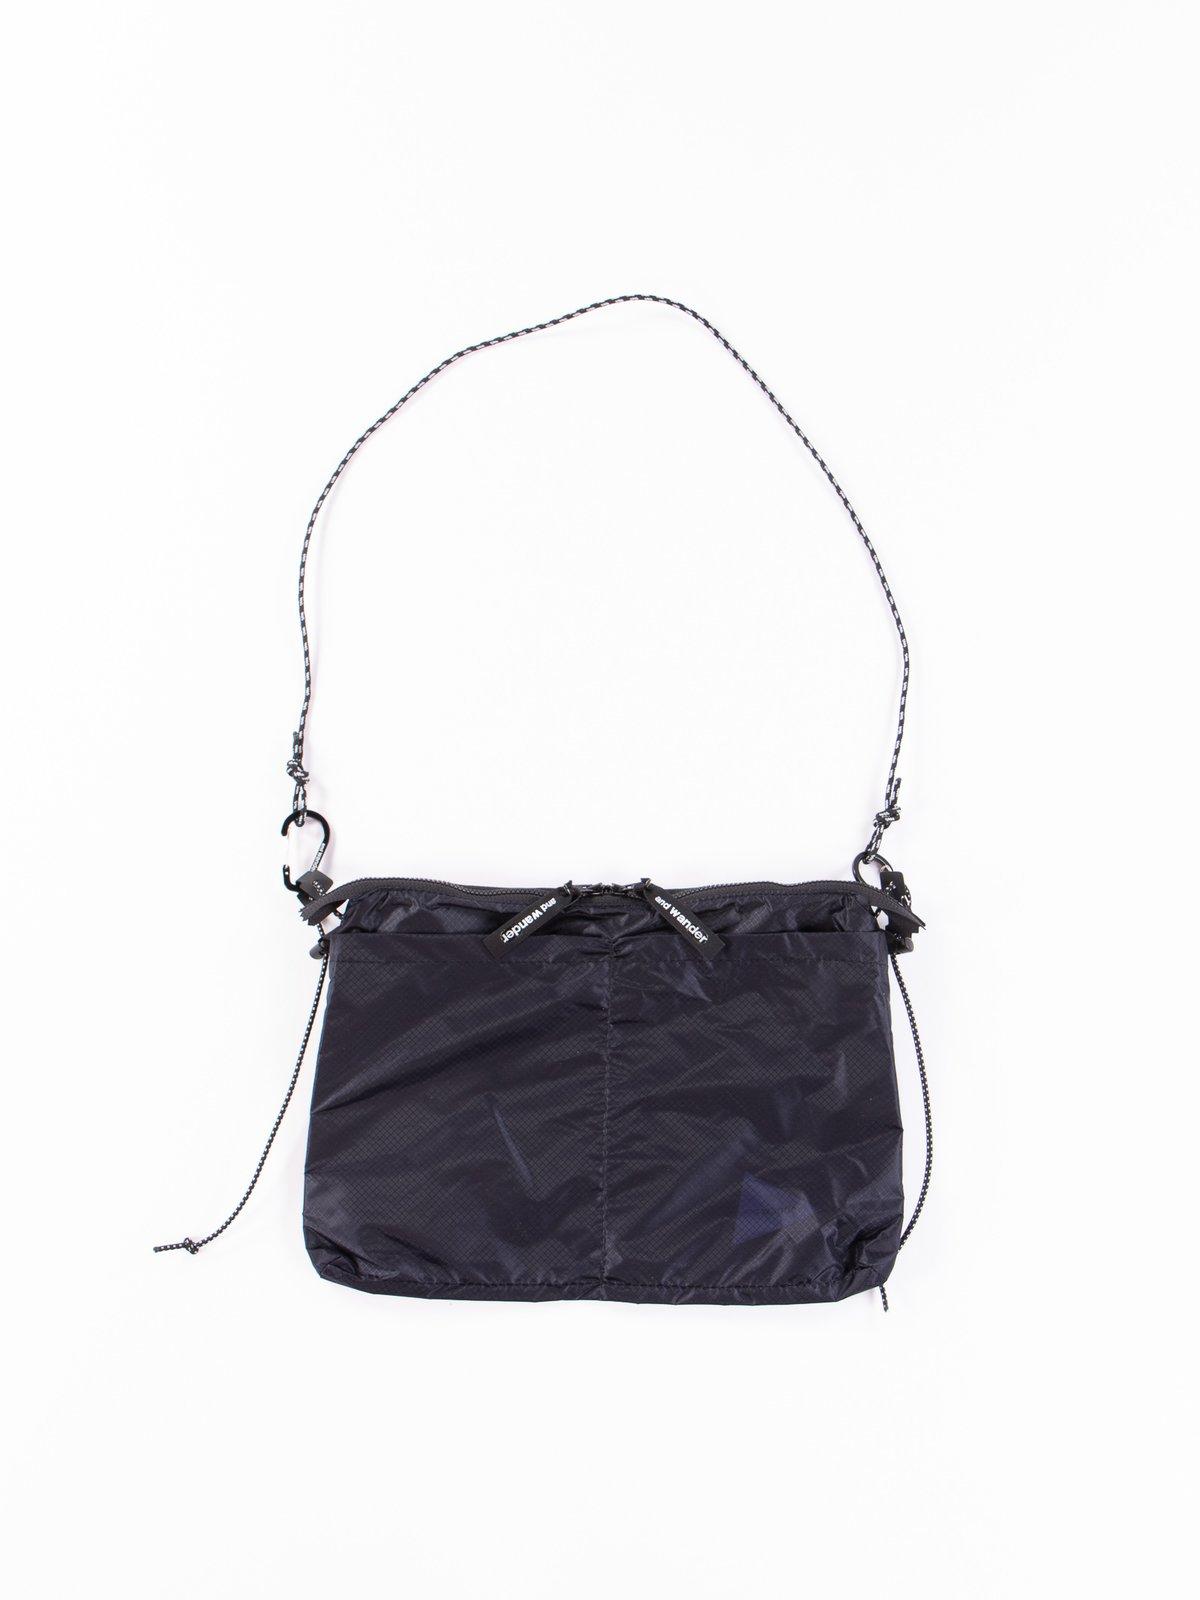 Navy Sil Sacoche Bag - Image 1